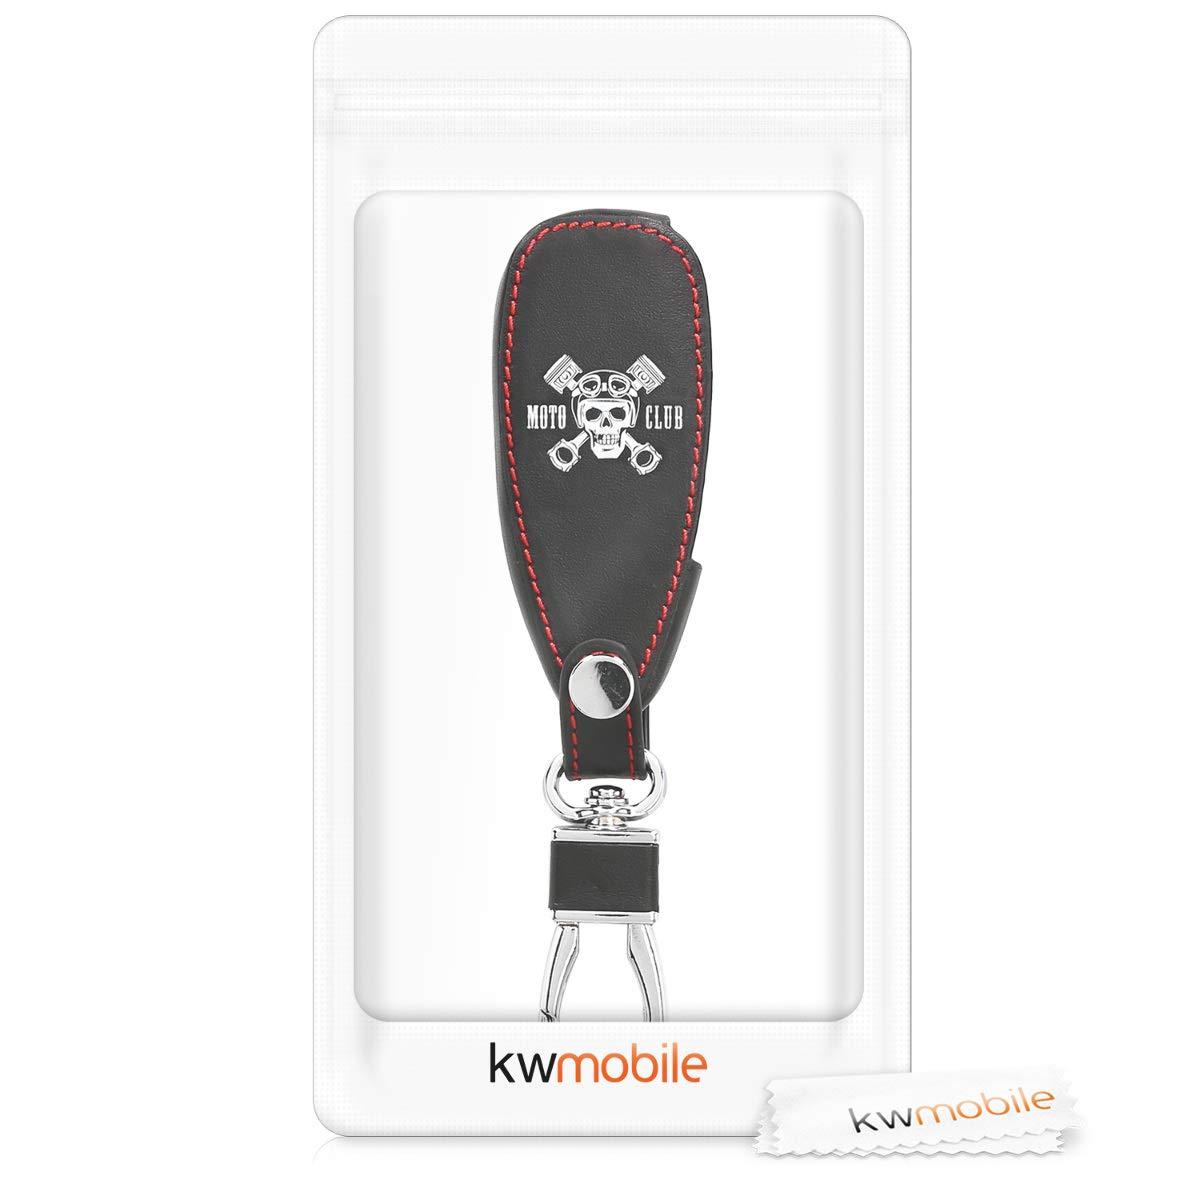 kwmobile Funda para Llave Keyless Go de 3 Botones para Coche Ford - Case para Mando y Control de Auto con dise/ño Dont Touch my Key Cubierta de Cuero sint/ético